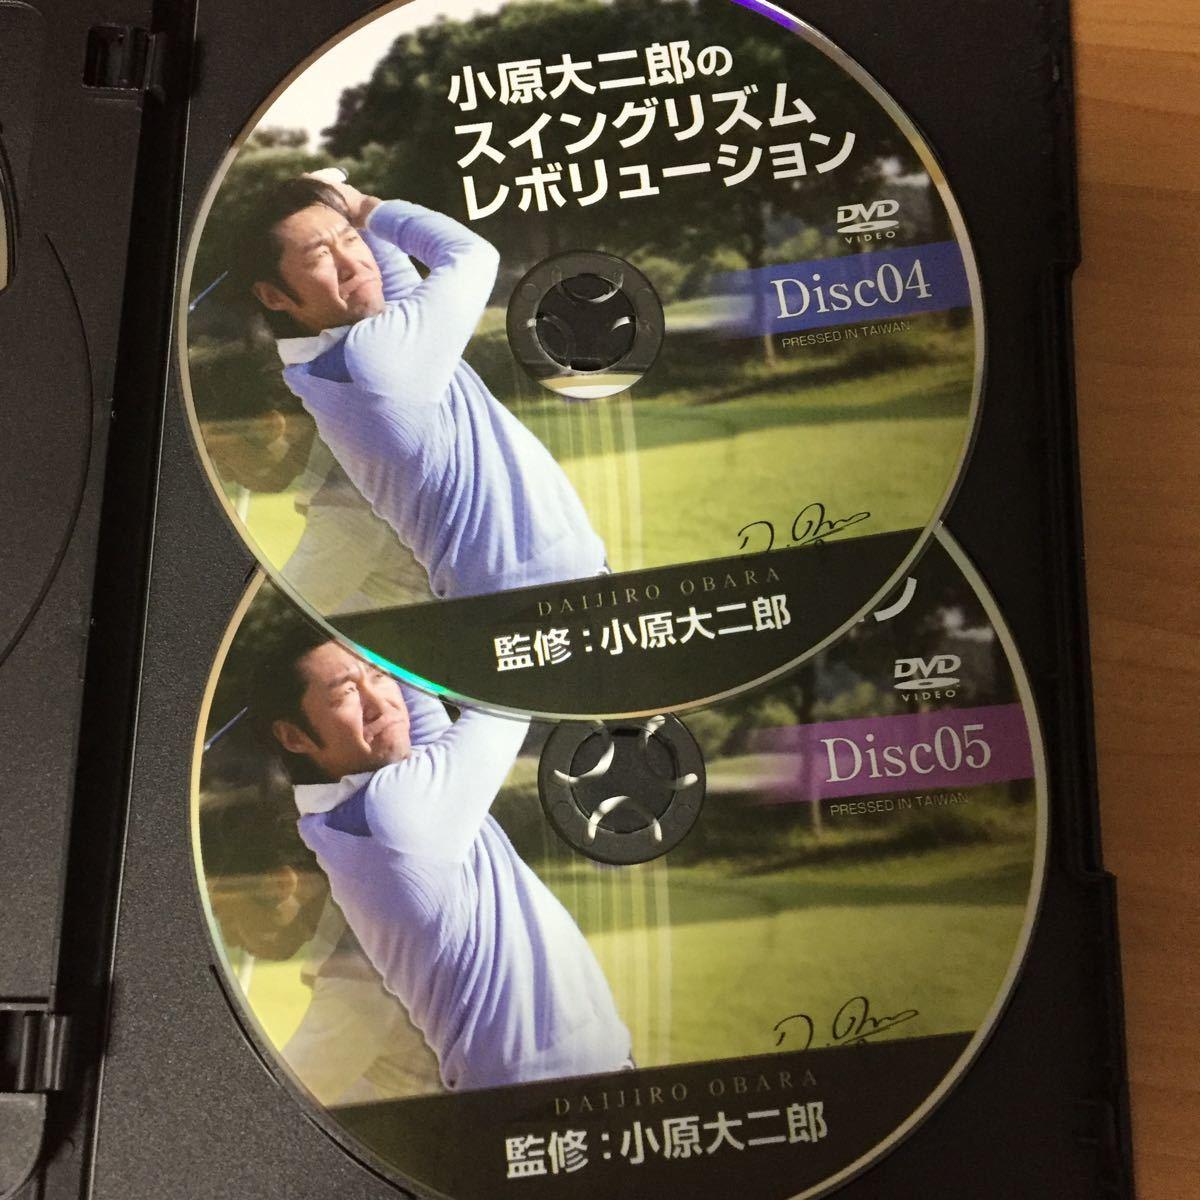 ゴルフDVD 小原大二郎のスイングリズムレボリューション DVD5枚組_画像4